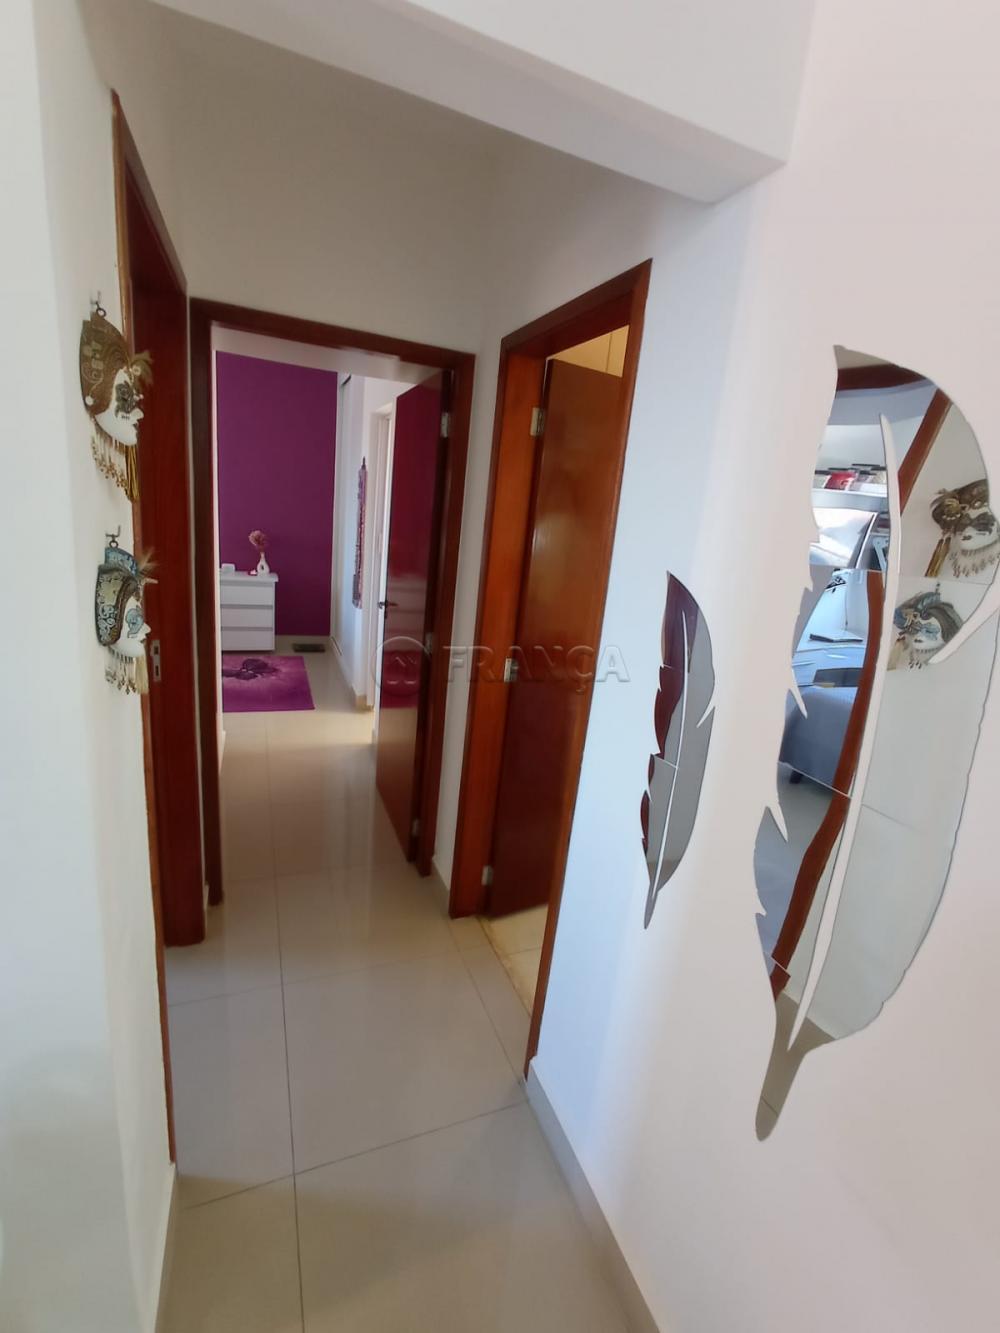 Alugar Apartamento / Padrão em Jacareí R$ 1.200,00 - Foto 7